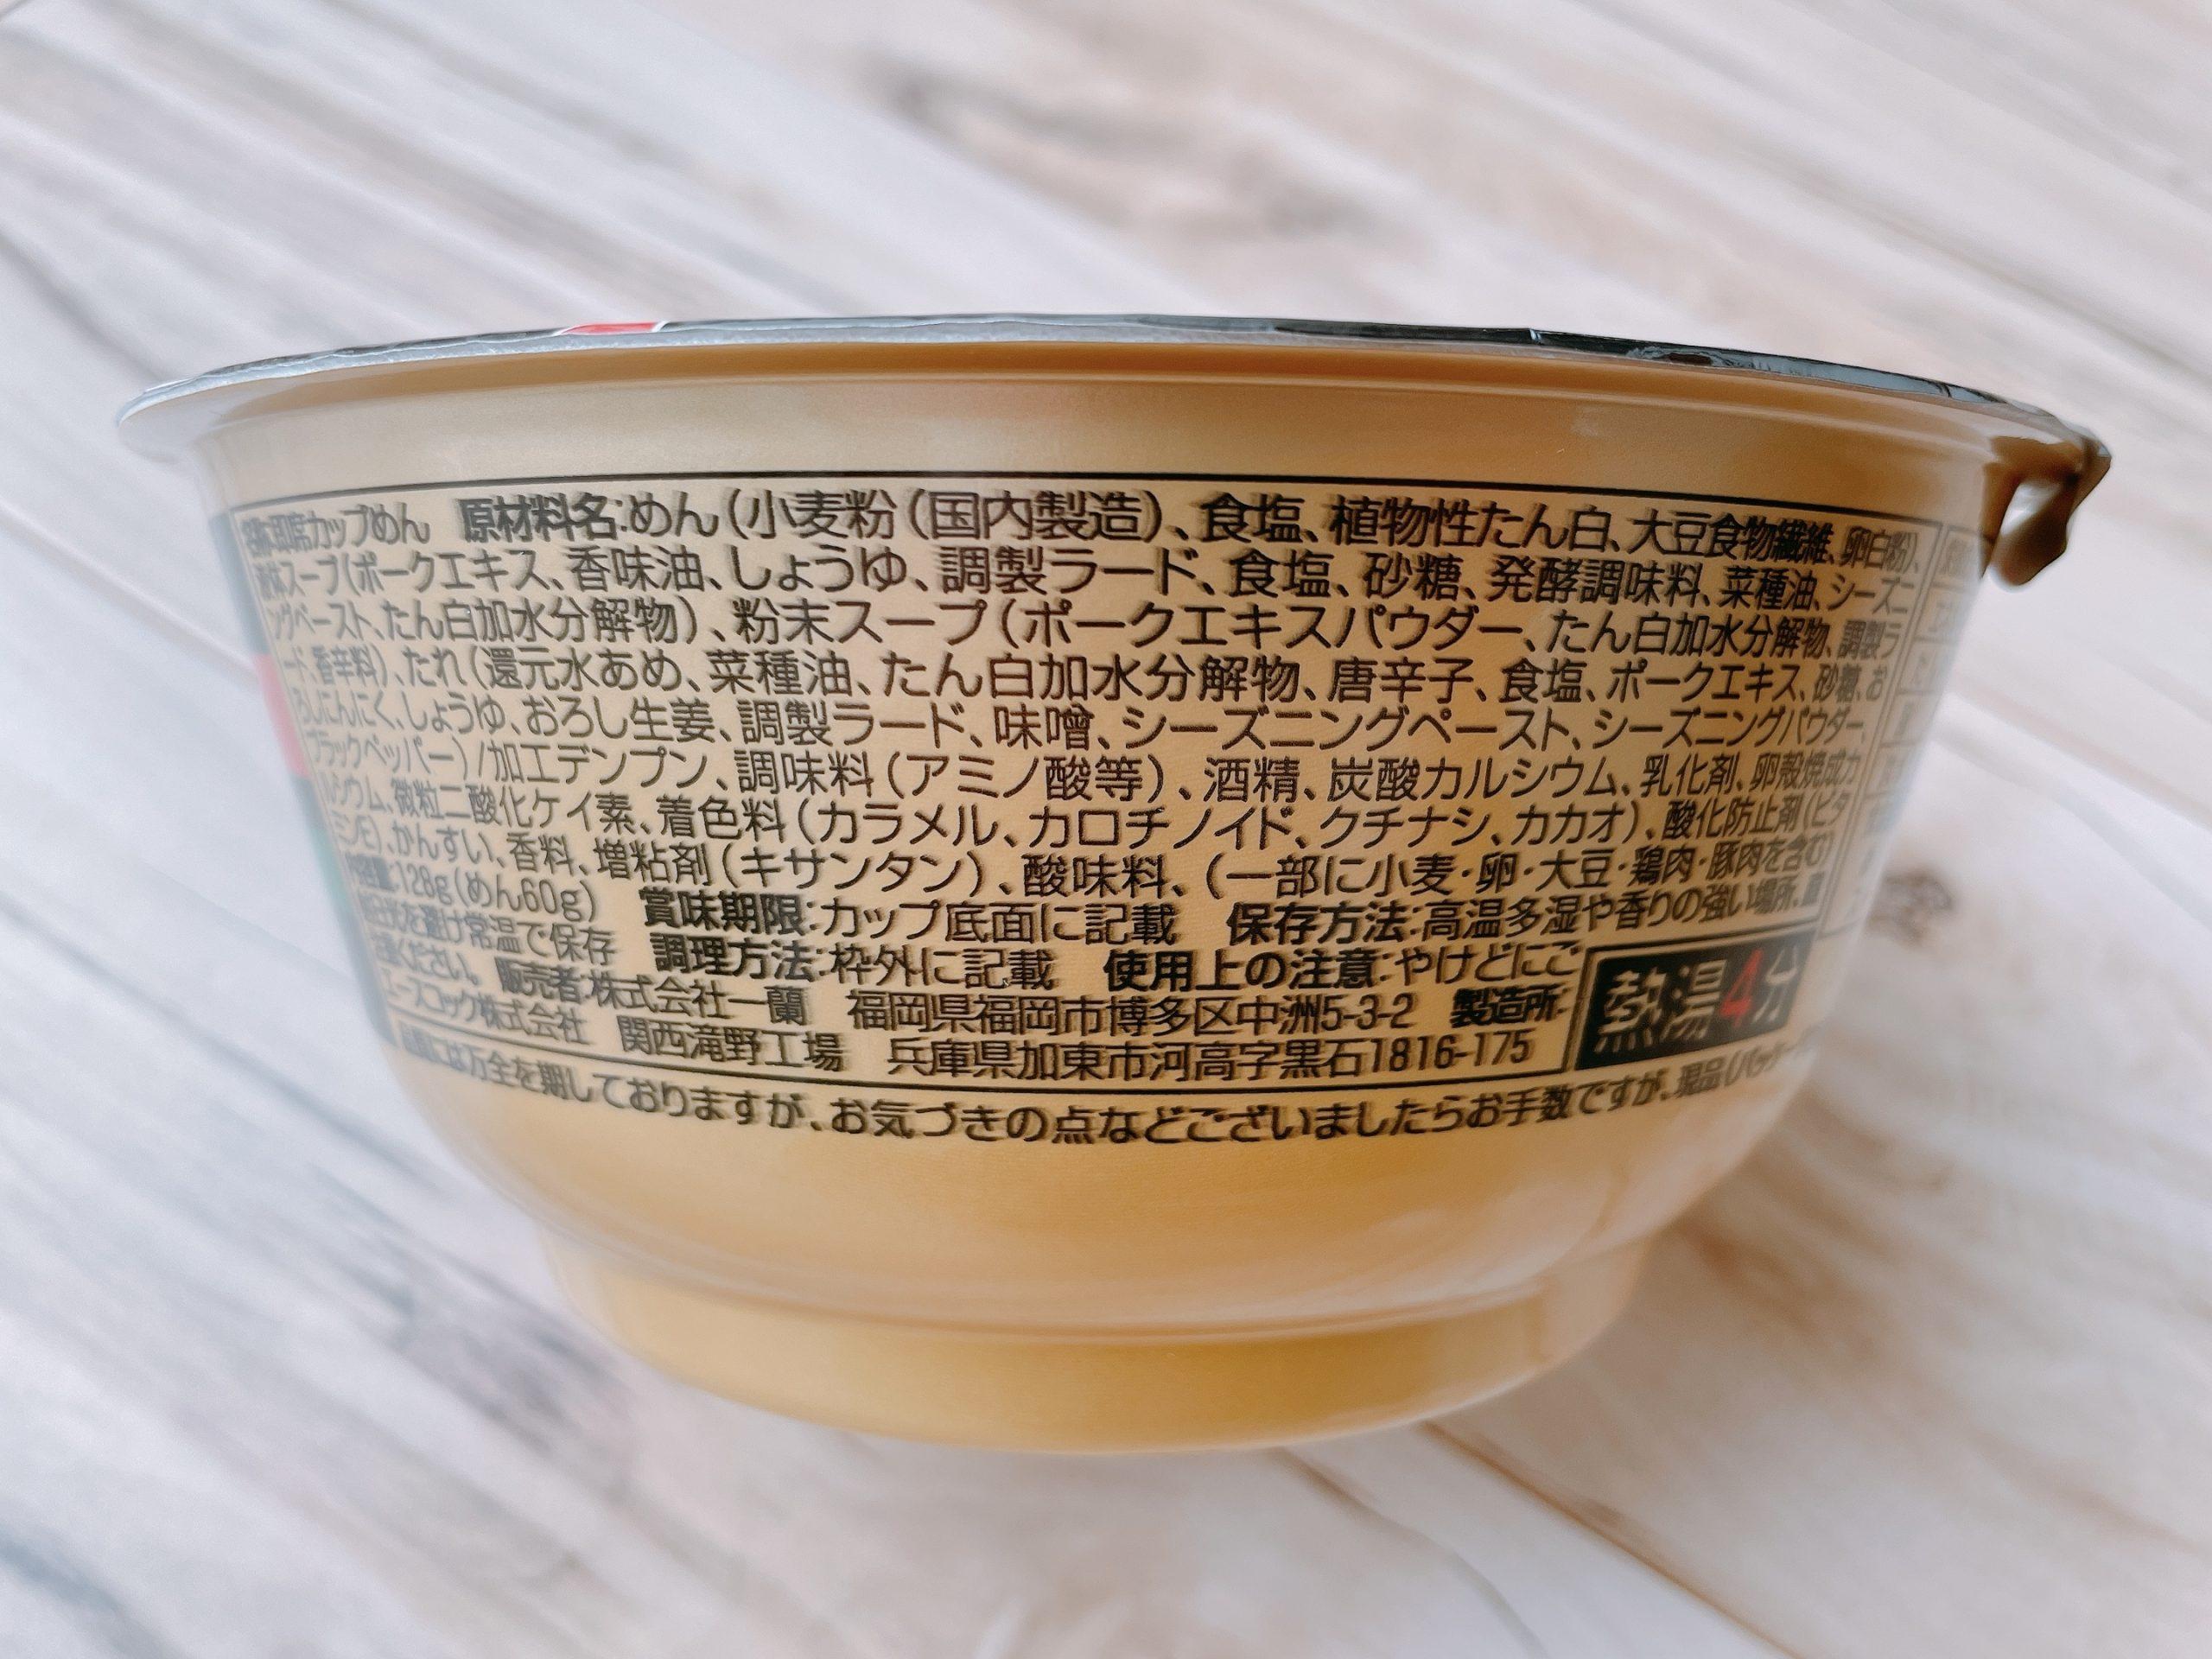 一蘭カップ麺の原材料やカロリーなど